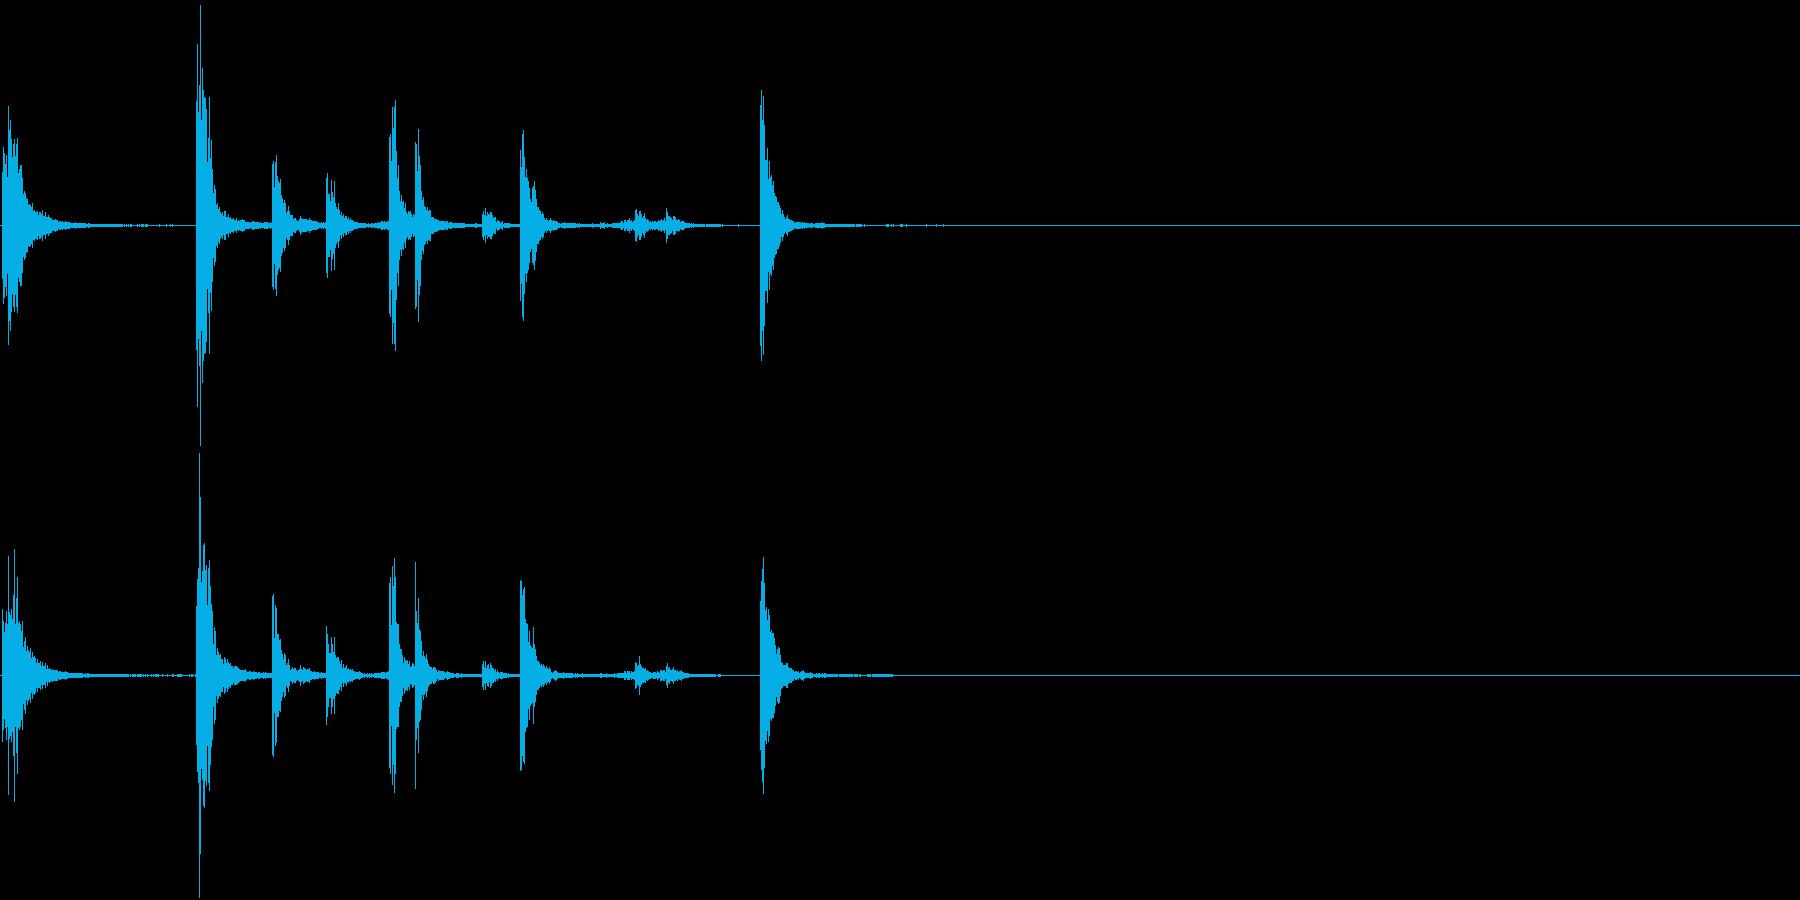 【生録音】手錠の音 カチャカチャ 1の再生済みの波形